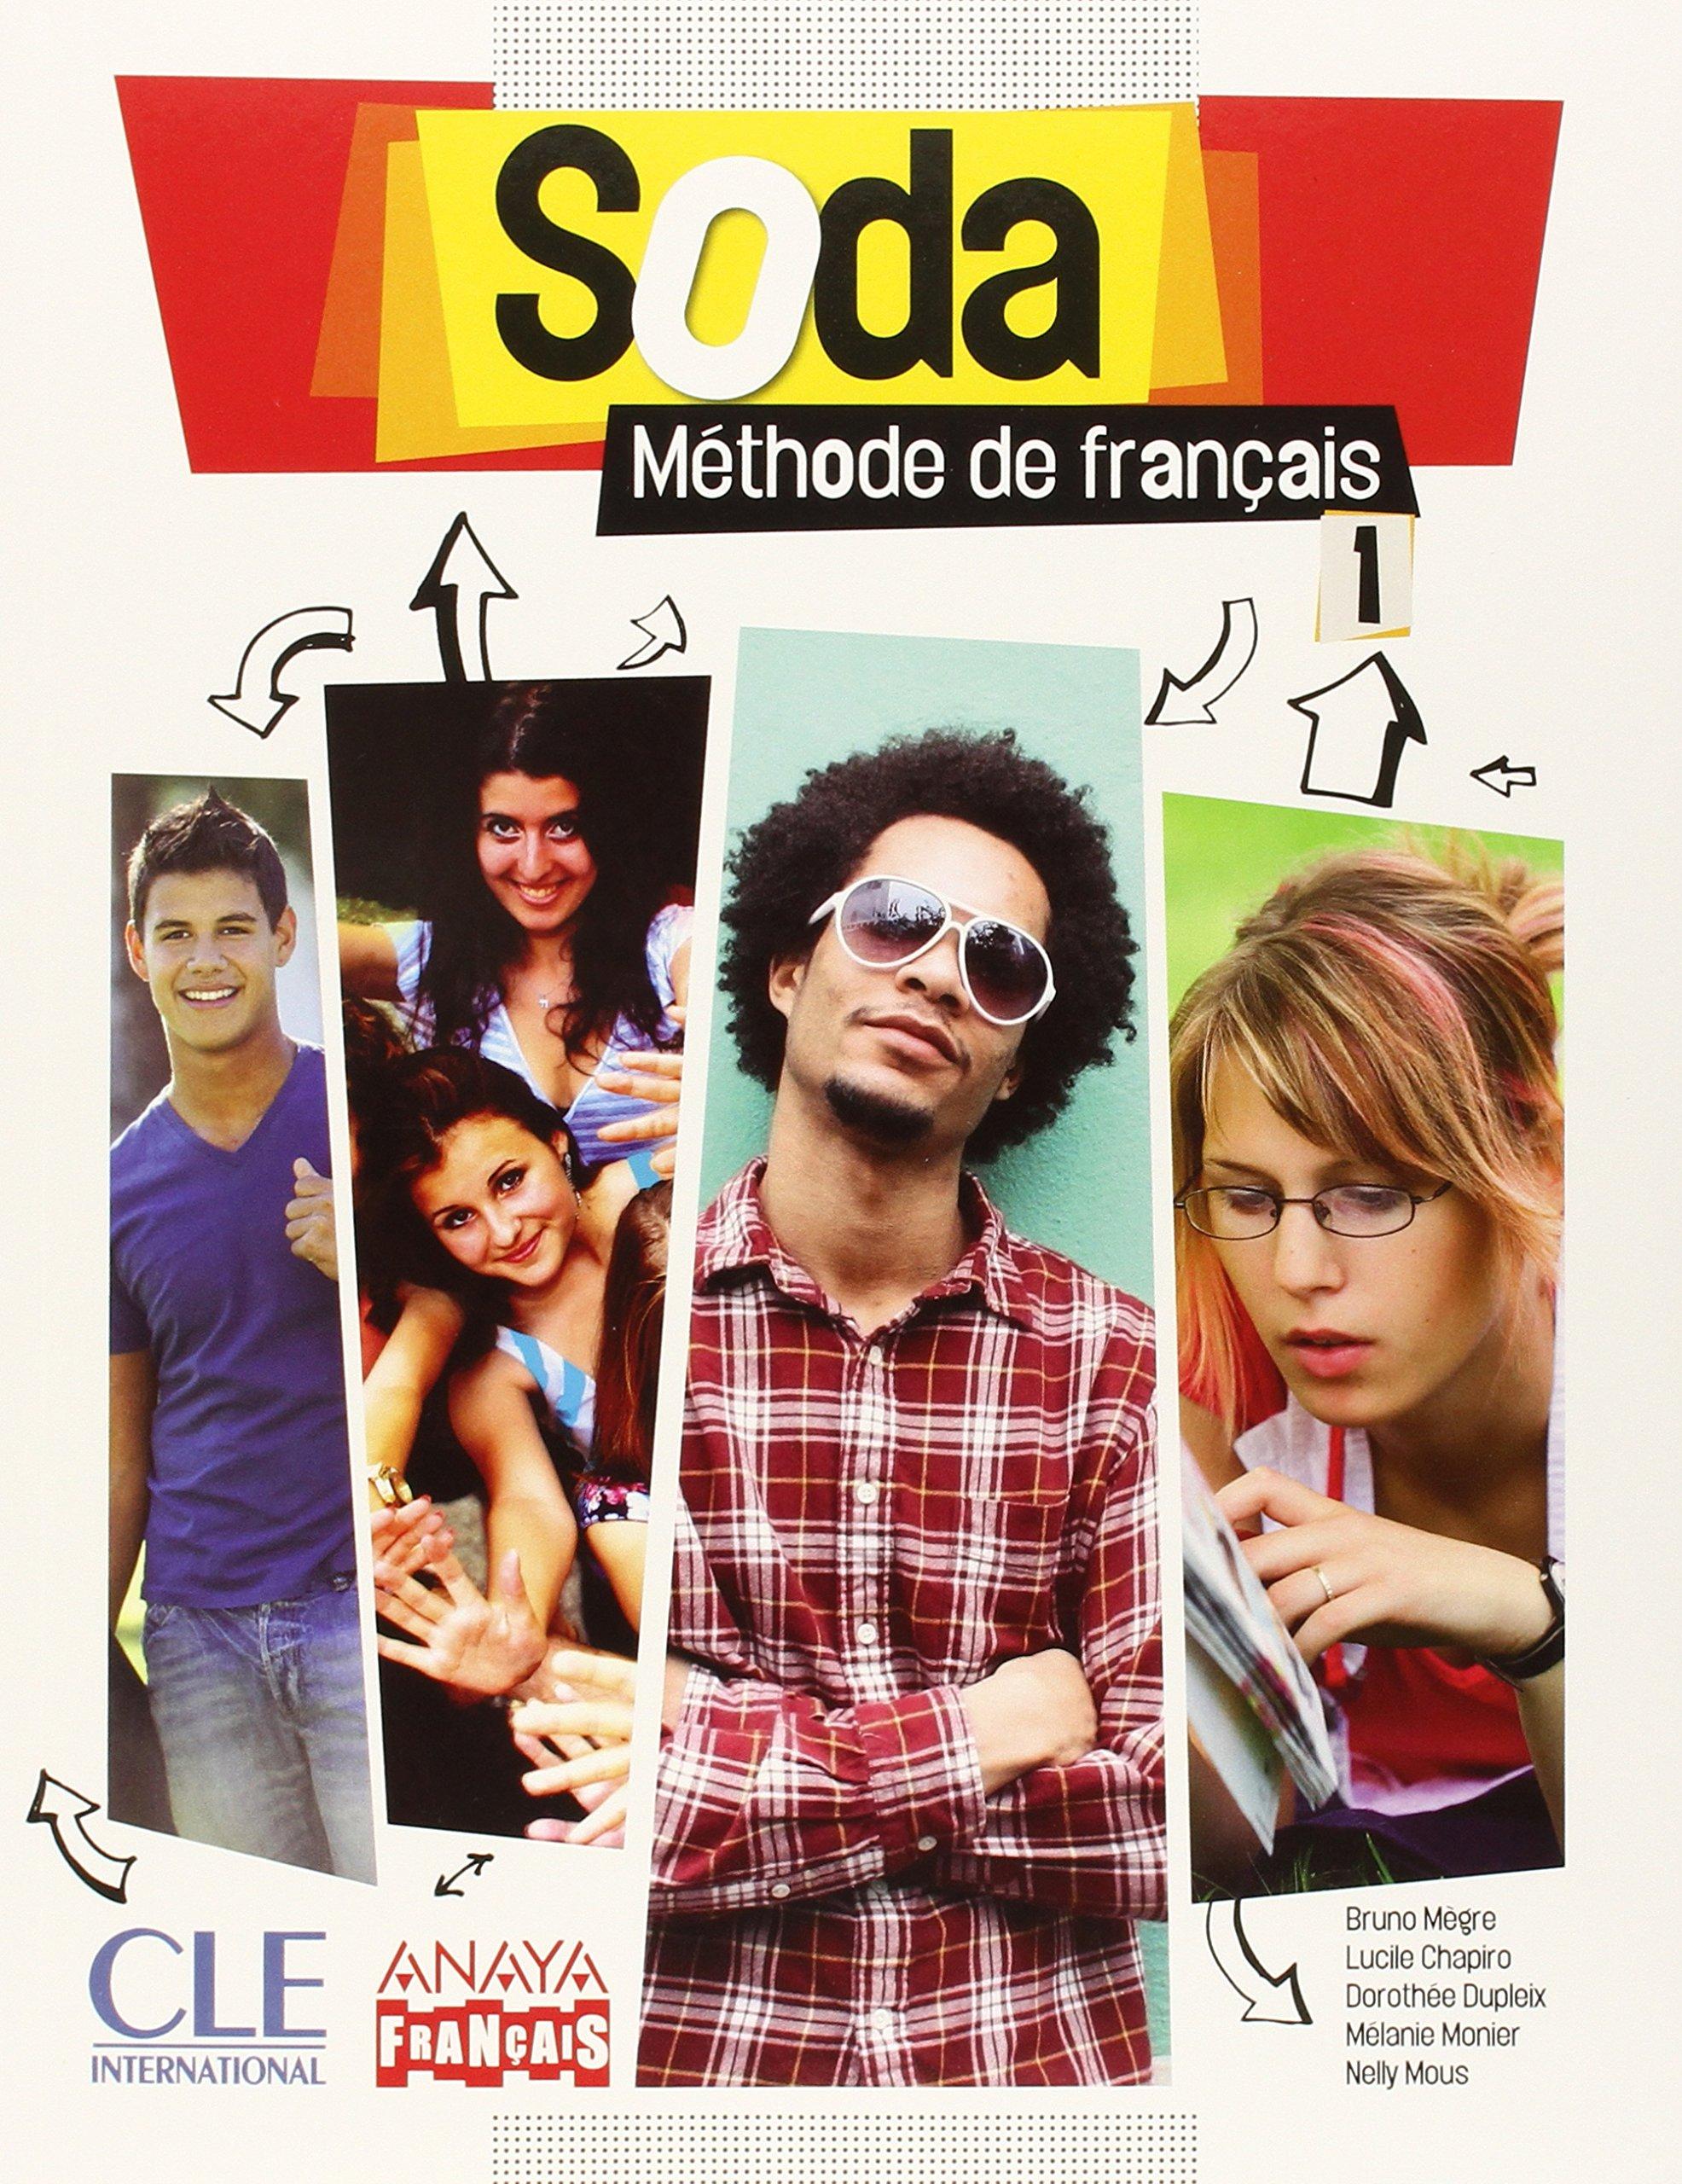 Bach 1 - Frances - Soda - 9788467861761 Tapa blanda – 1 jun 2015 Aa.Vv. Anaya Editorial 8467861762